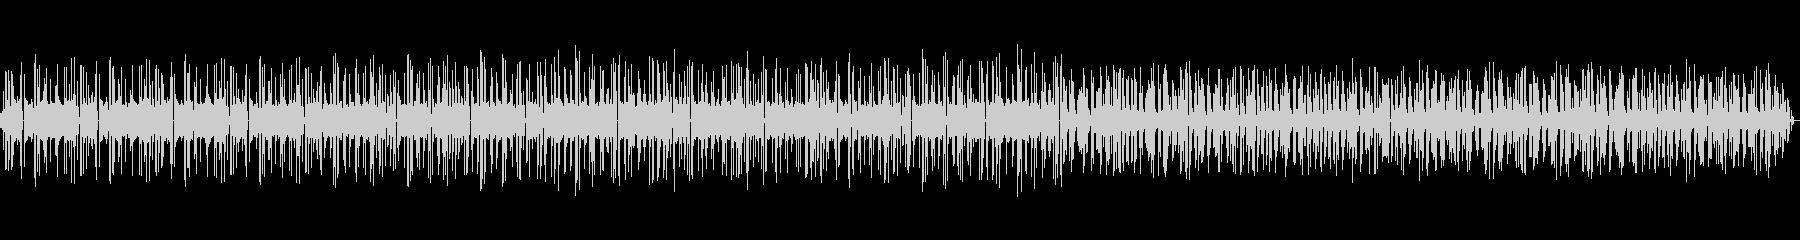 ビープ音-ビープ音シーケンスの攪拌の未再生の波形